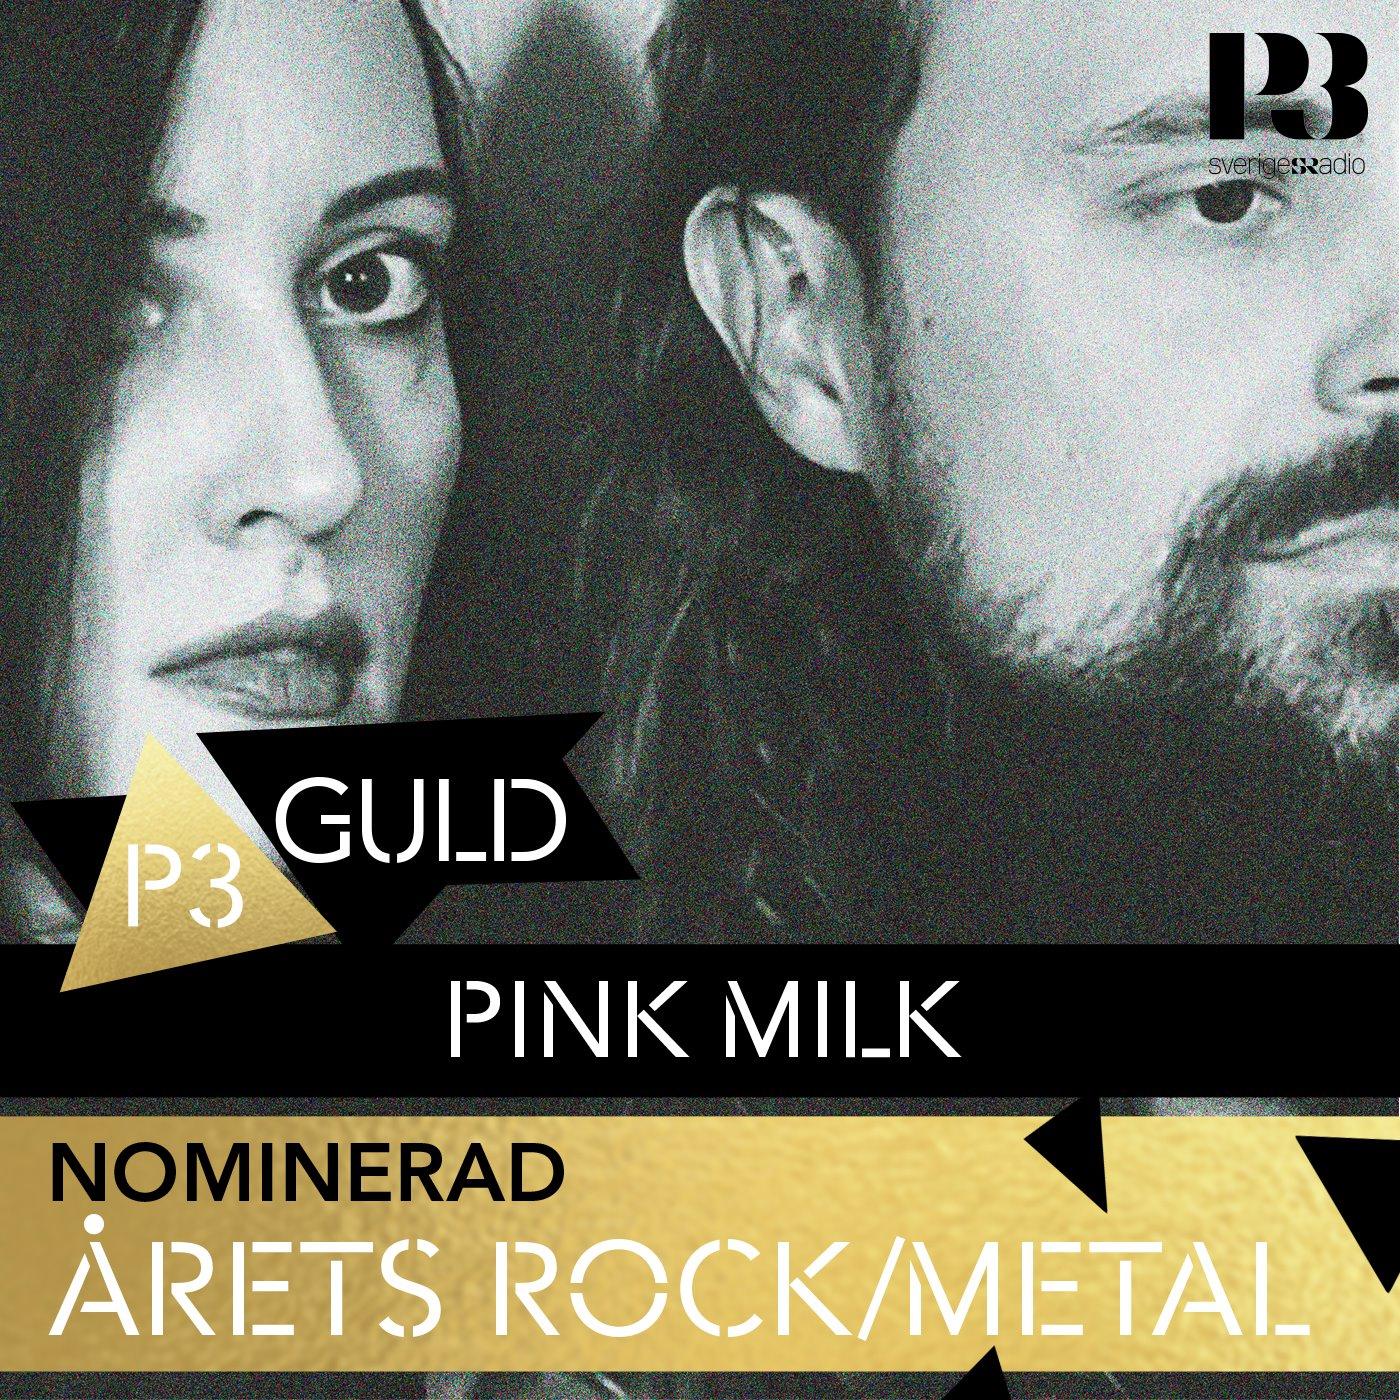 Pink Milk - P3 Guld